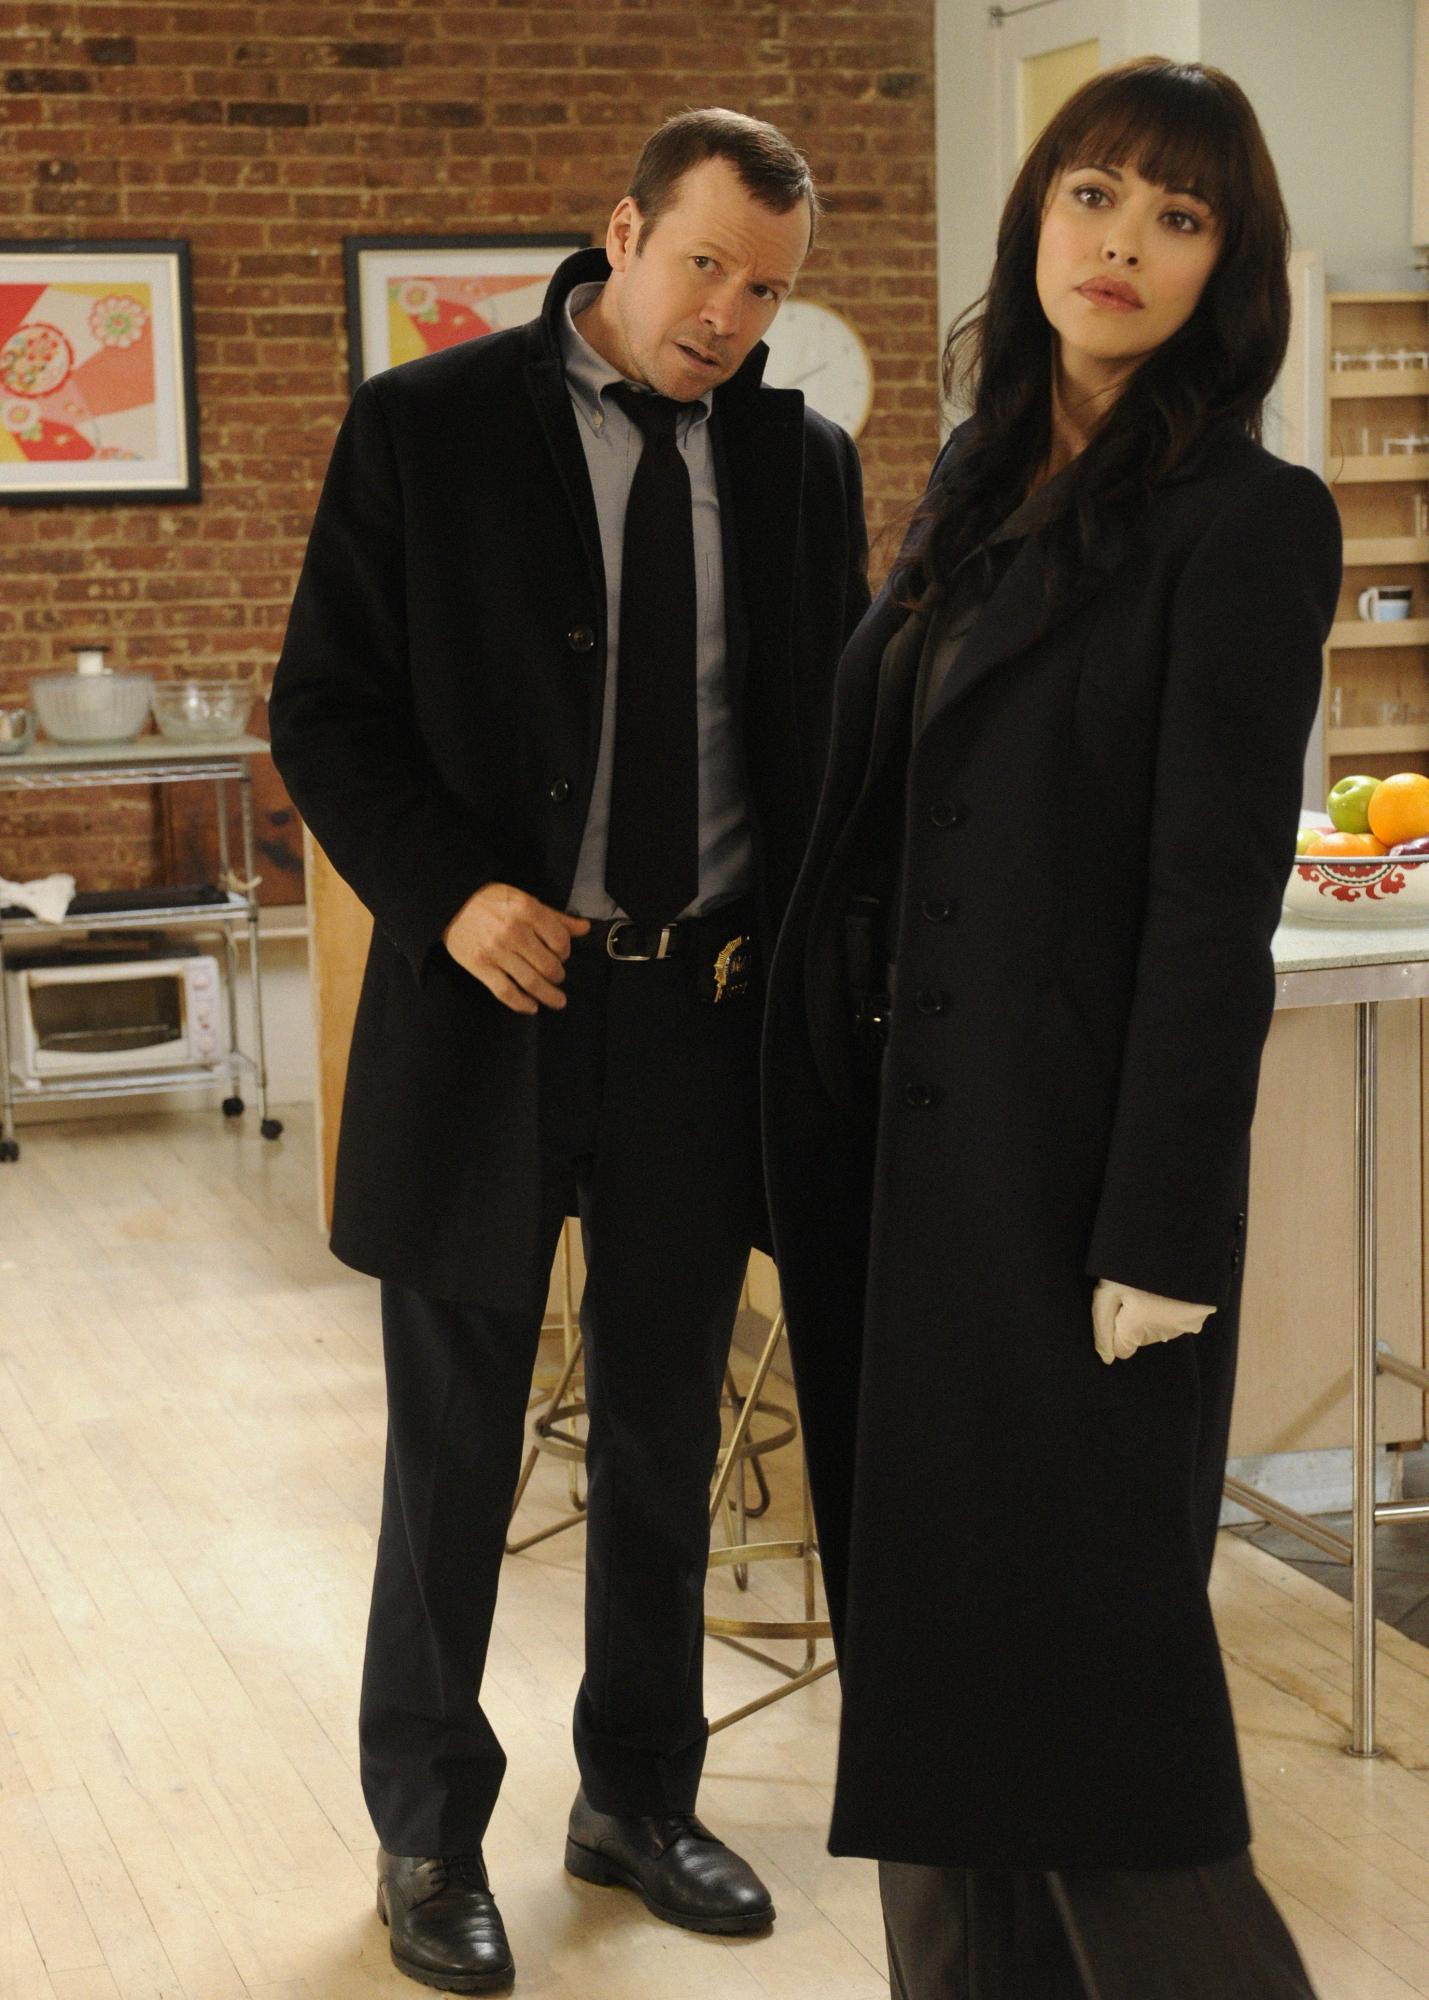 Danny and Det. Maria Baez